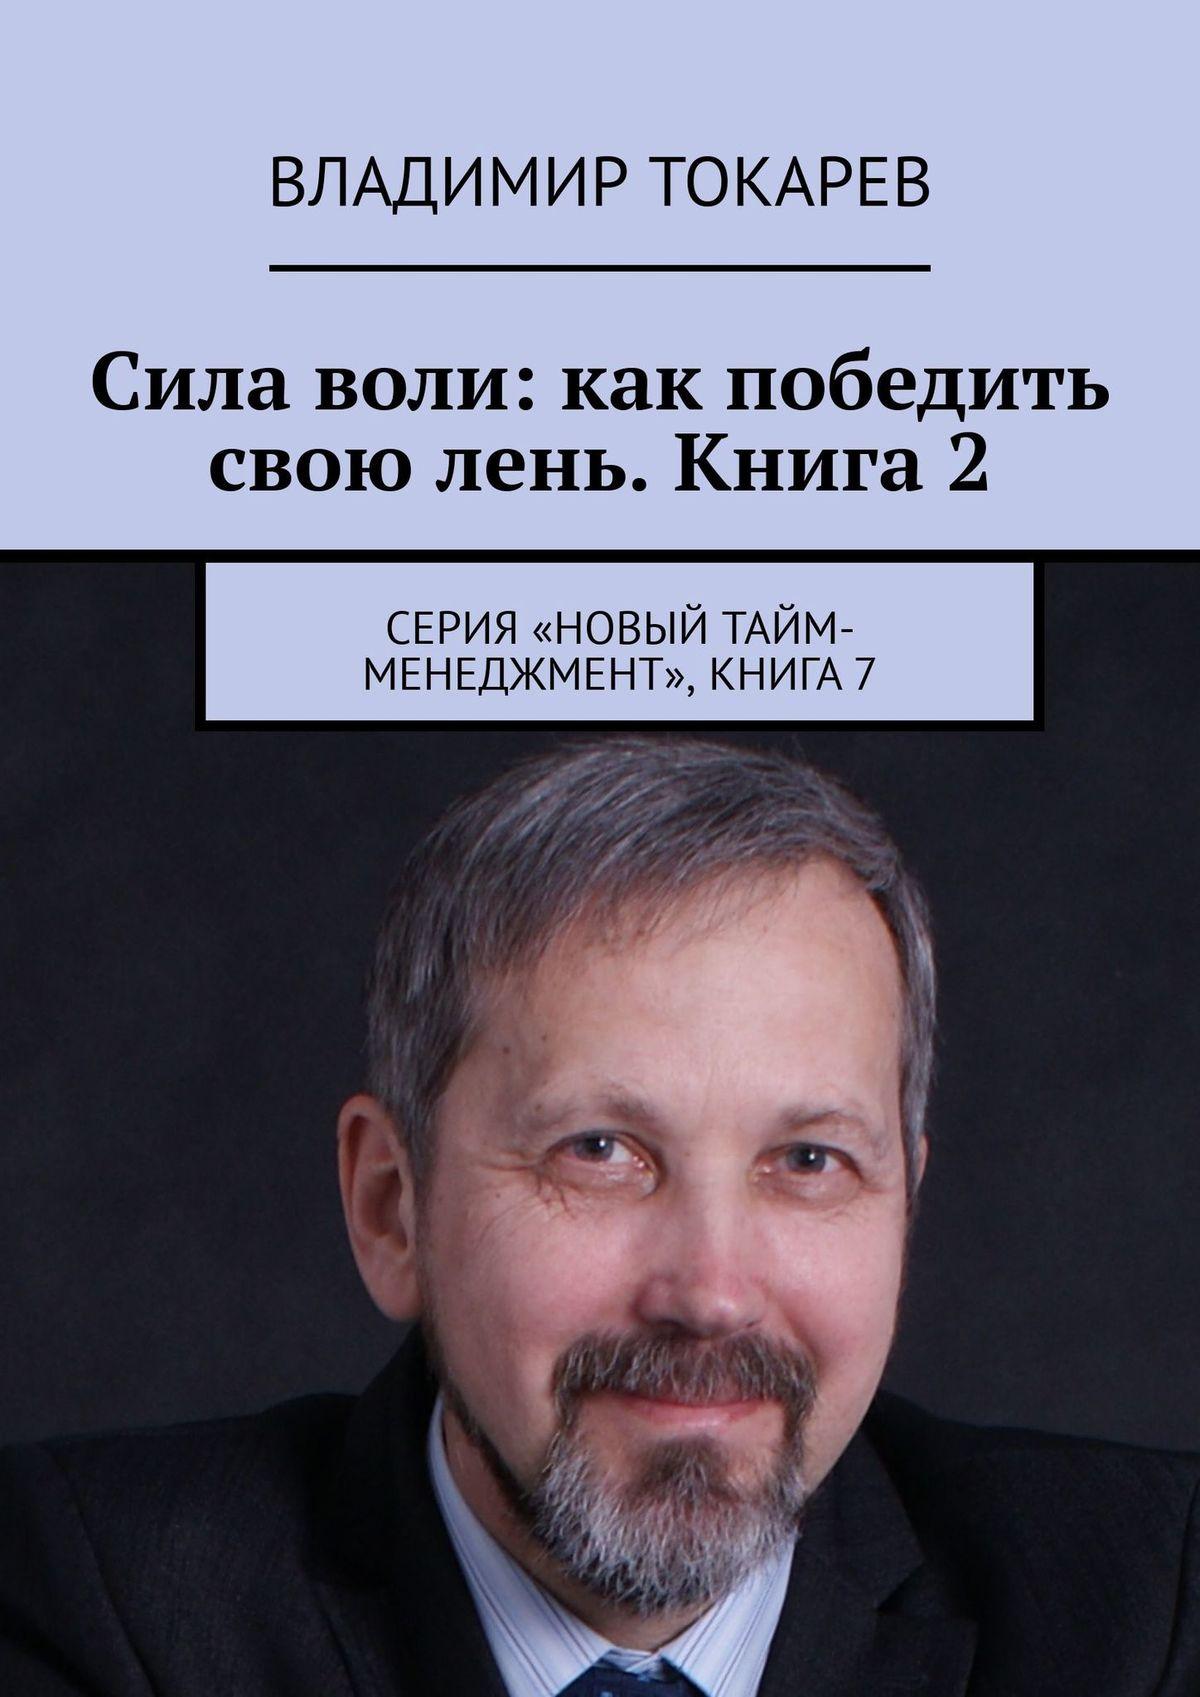 Фото - Владимир Токарев Сила воли: как победить свою лень. Книга 2. А также книга – «Рождение видео-практикума» видео